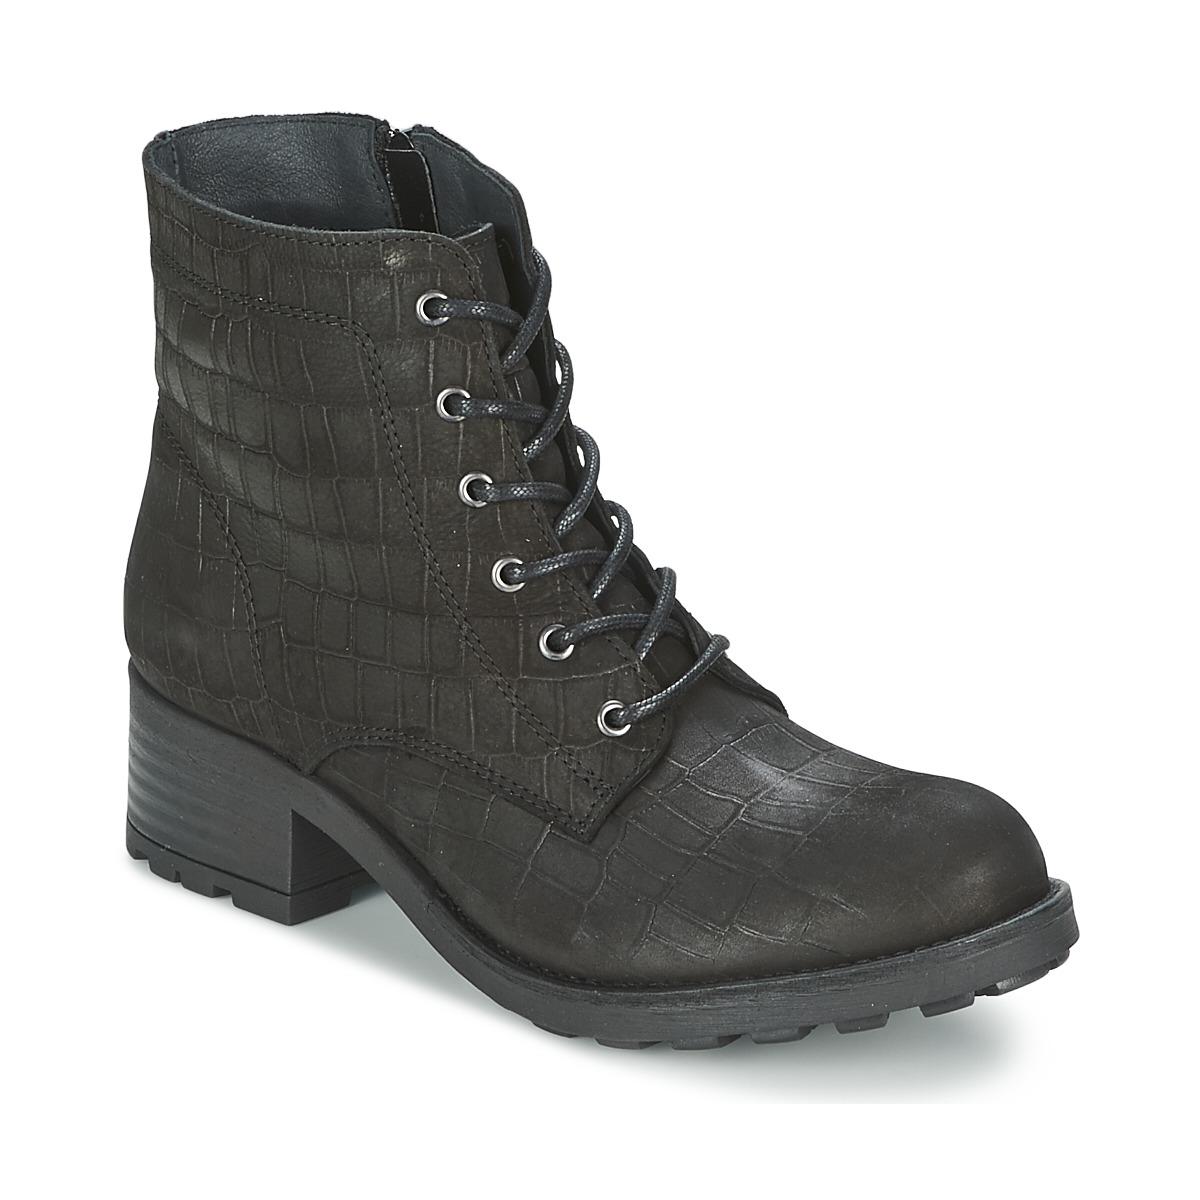 Shoe Biz RAMITKA Schwarz - Kostenloser Versand bei Spartoode ! - Schuhe Boots Damen 79,50 €